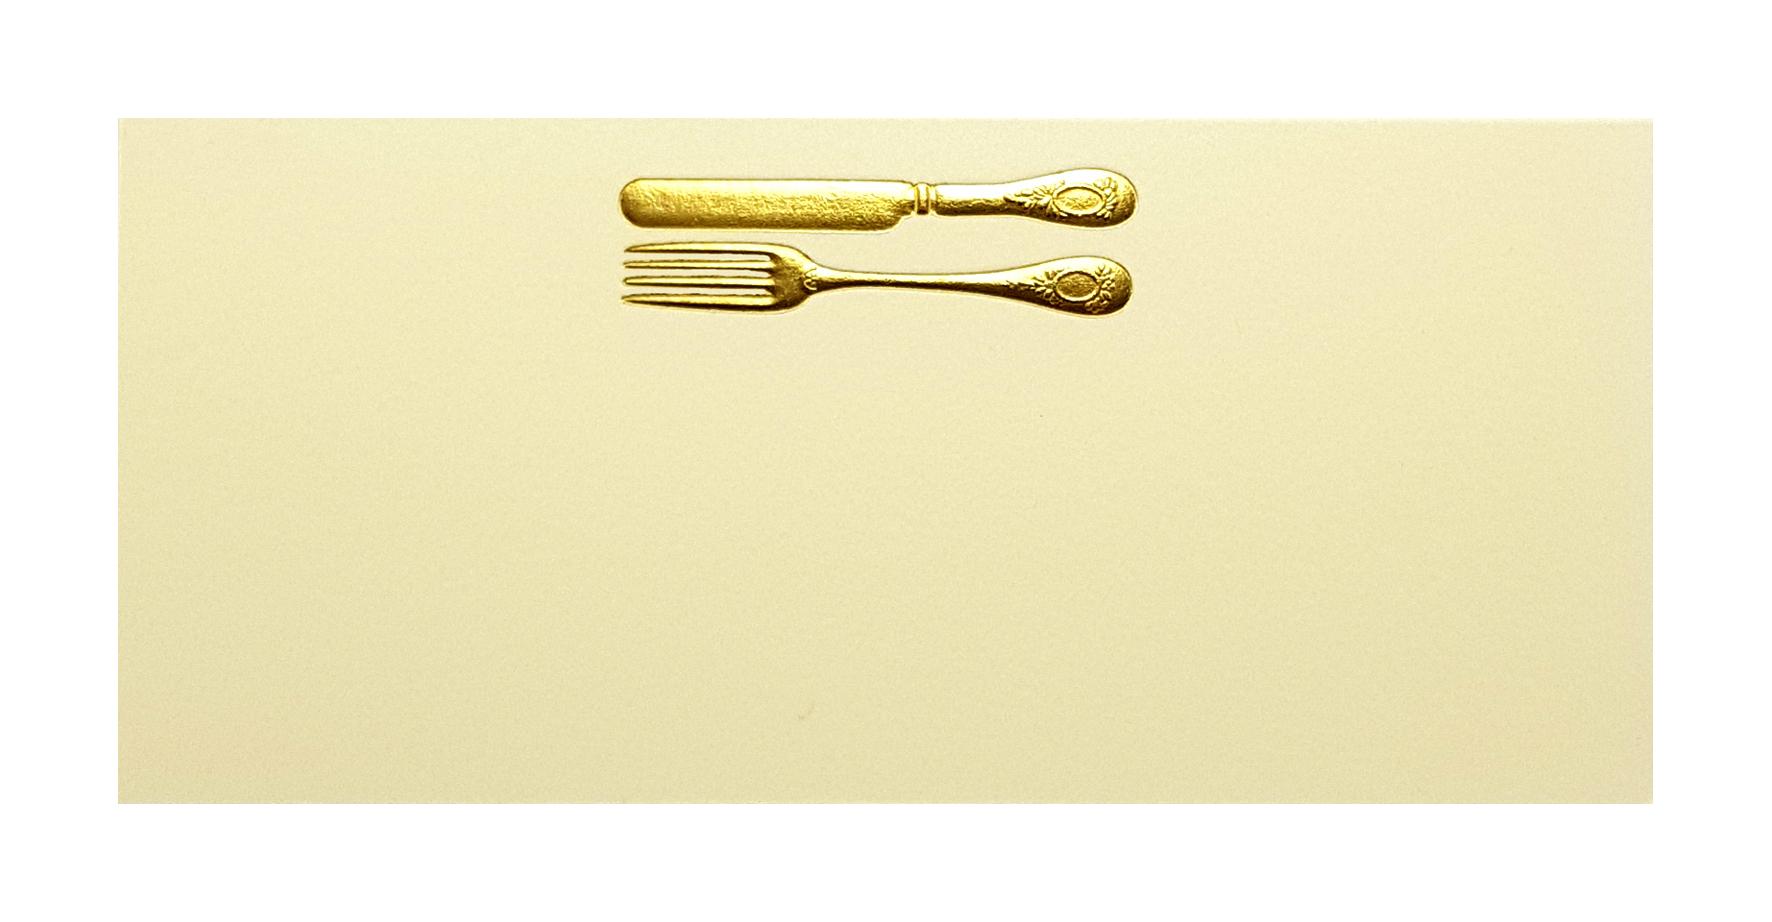 Marque-place ivoire couverts dorés. Réf. 207